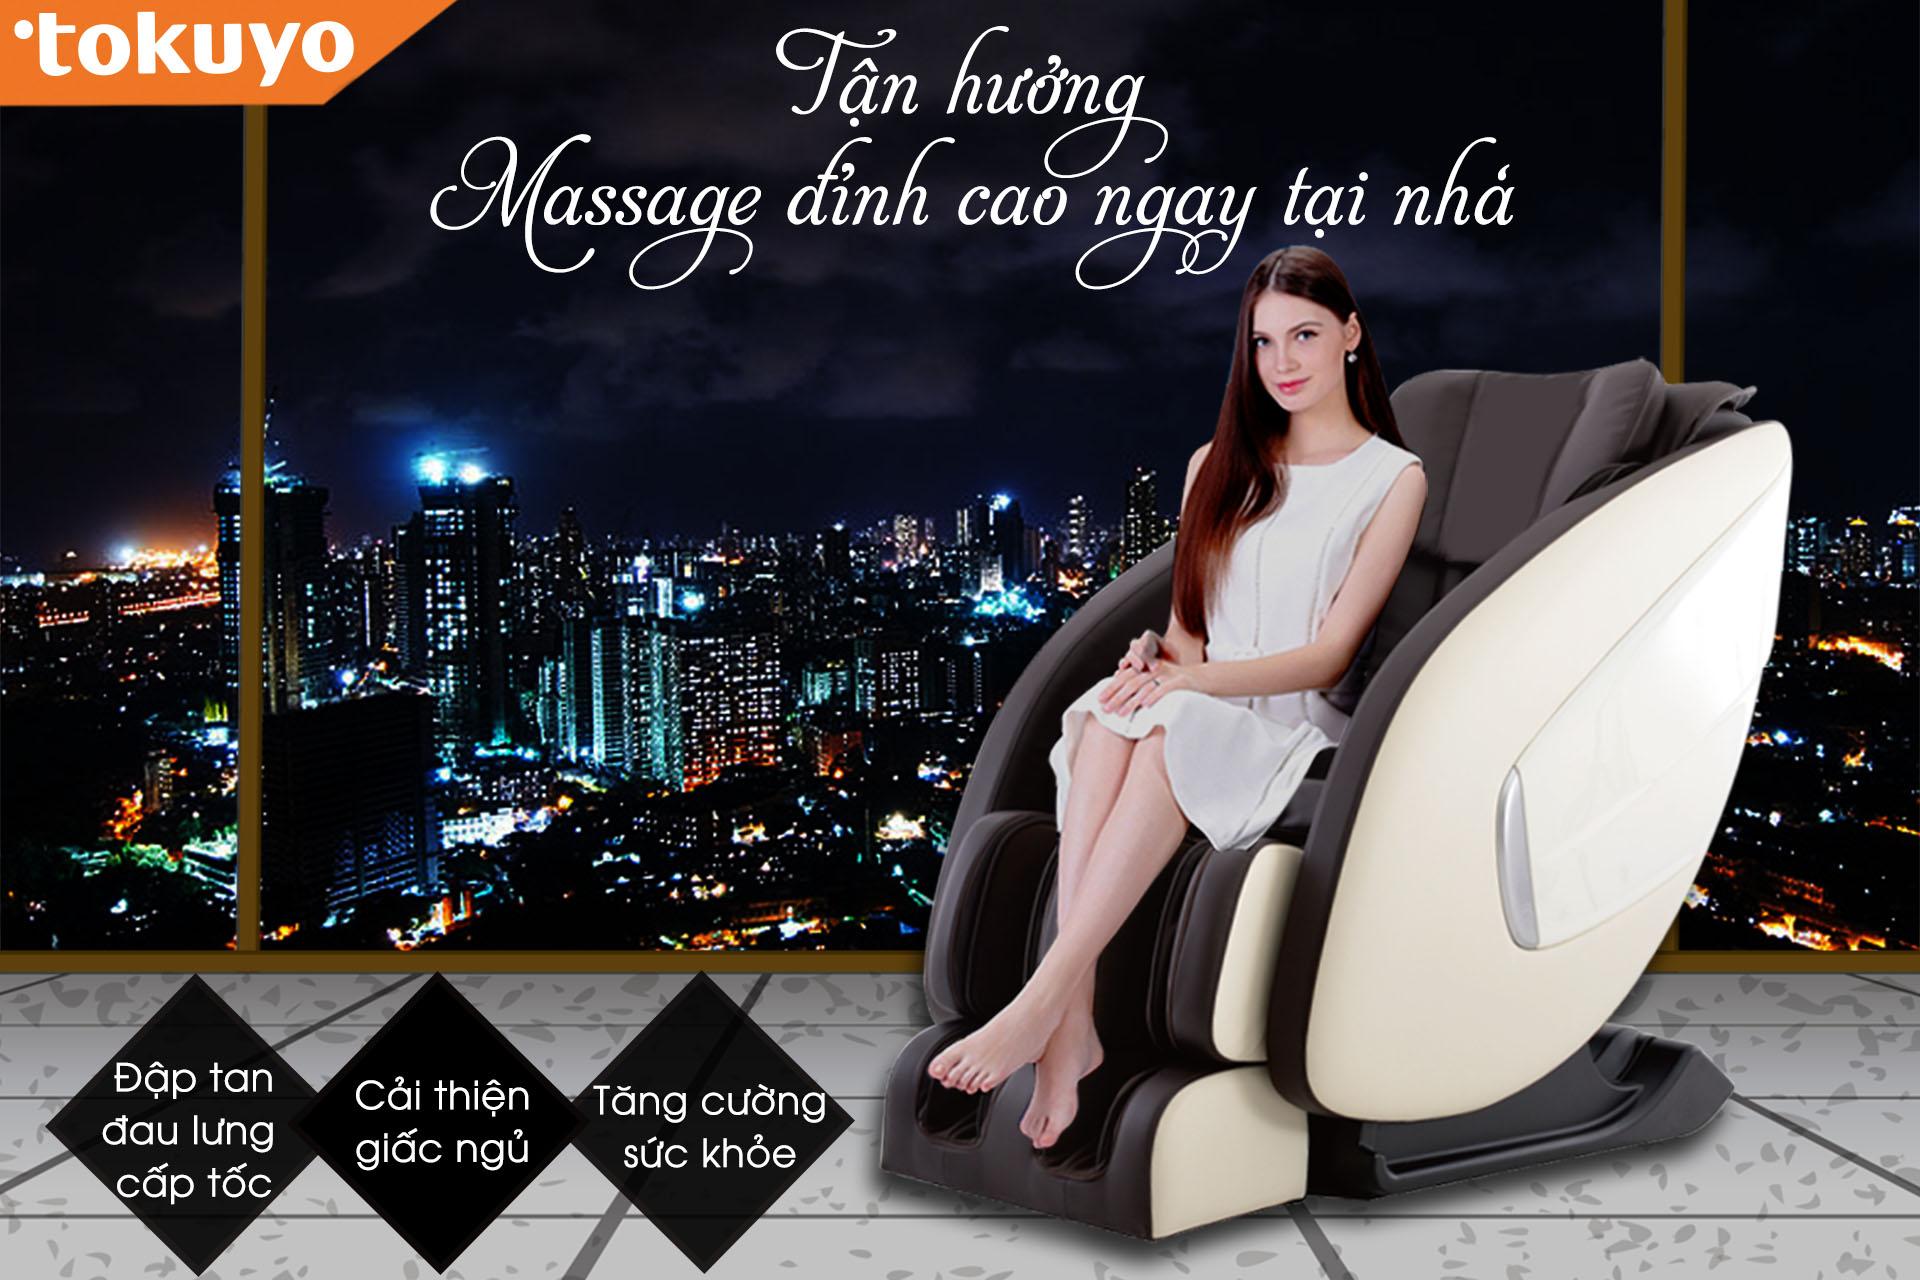 Tư vấn 3 vị trí đặt ghế massage toàn thân tại nhà